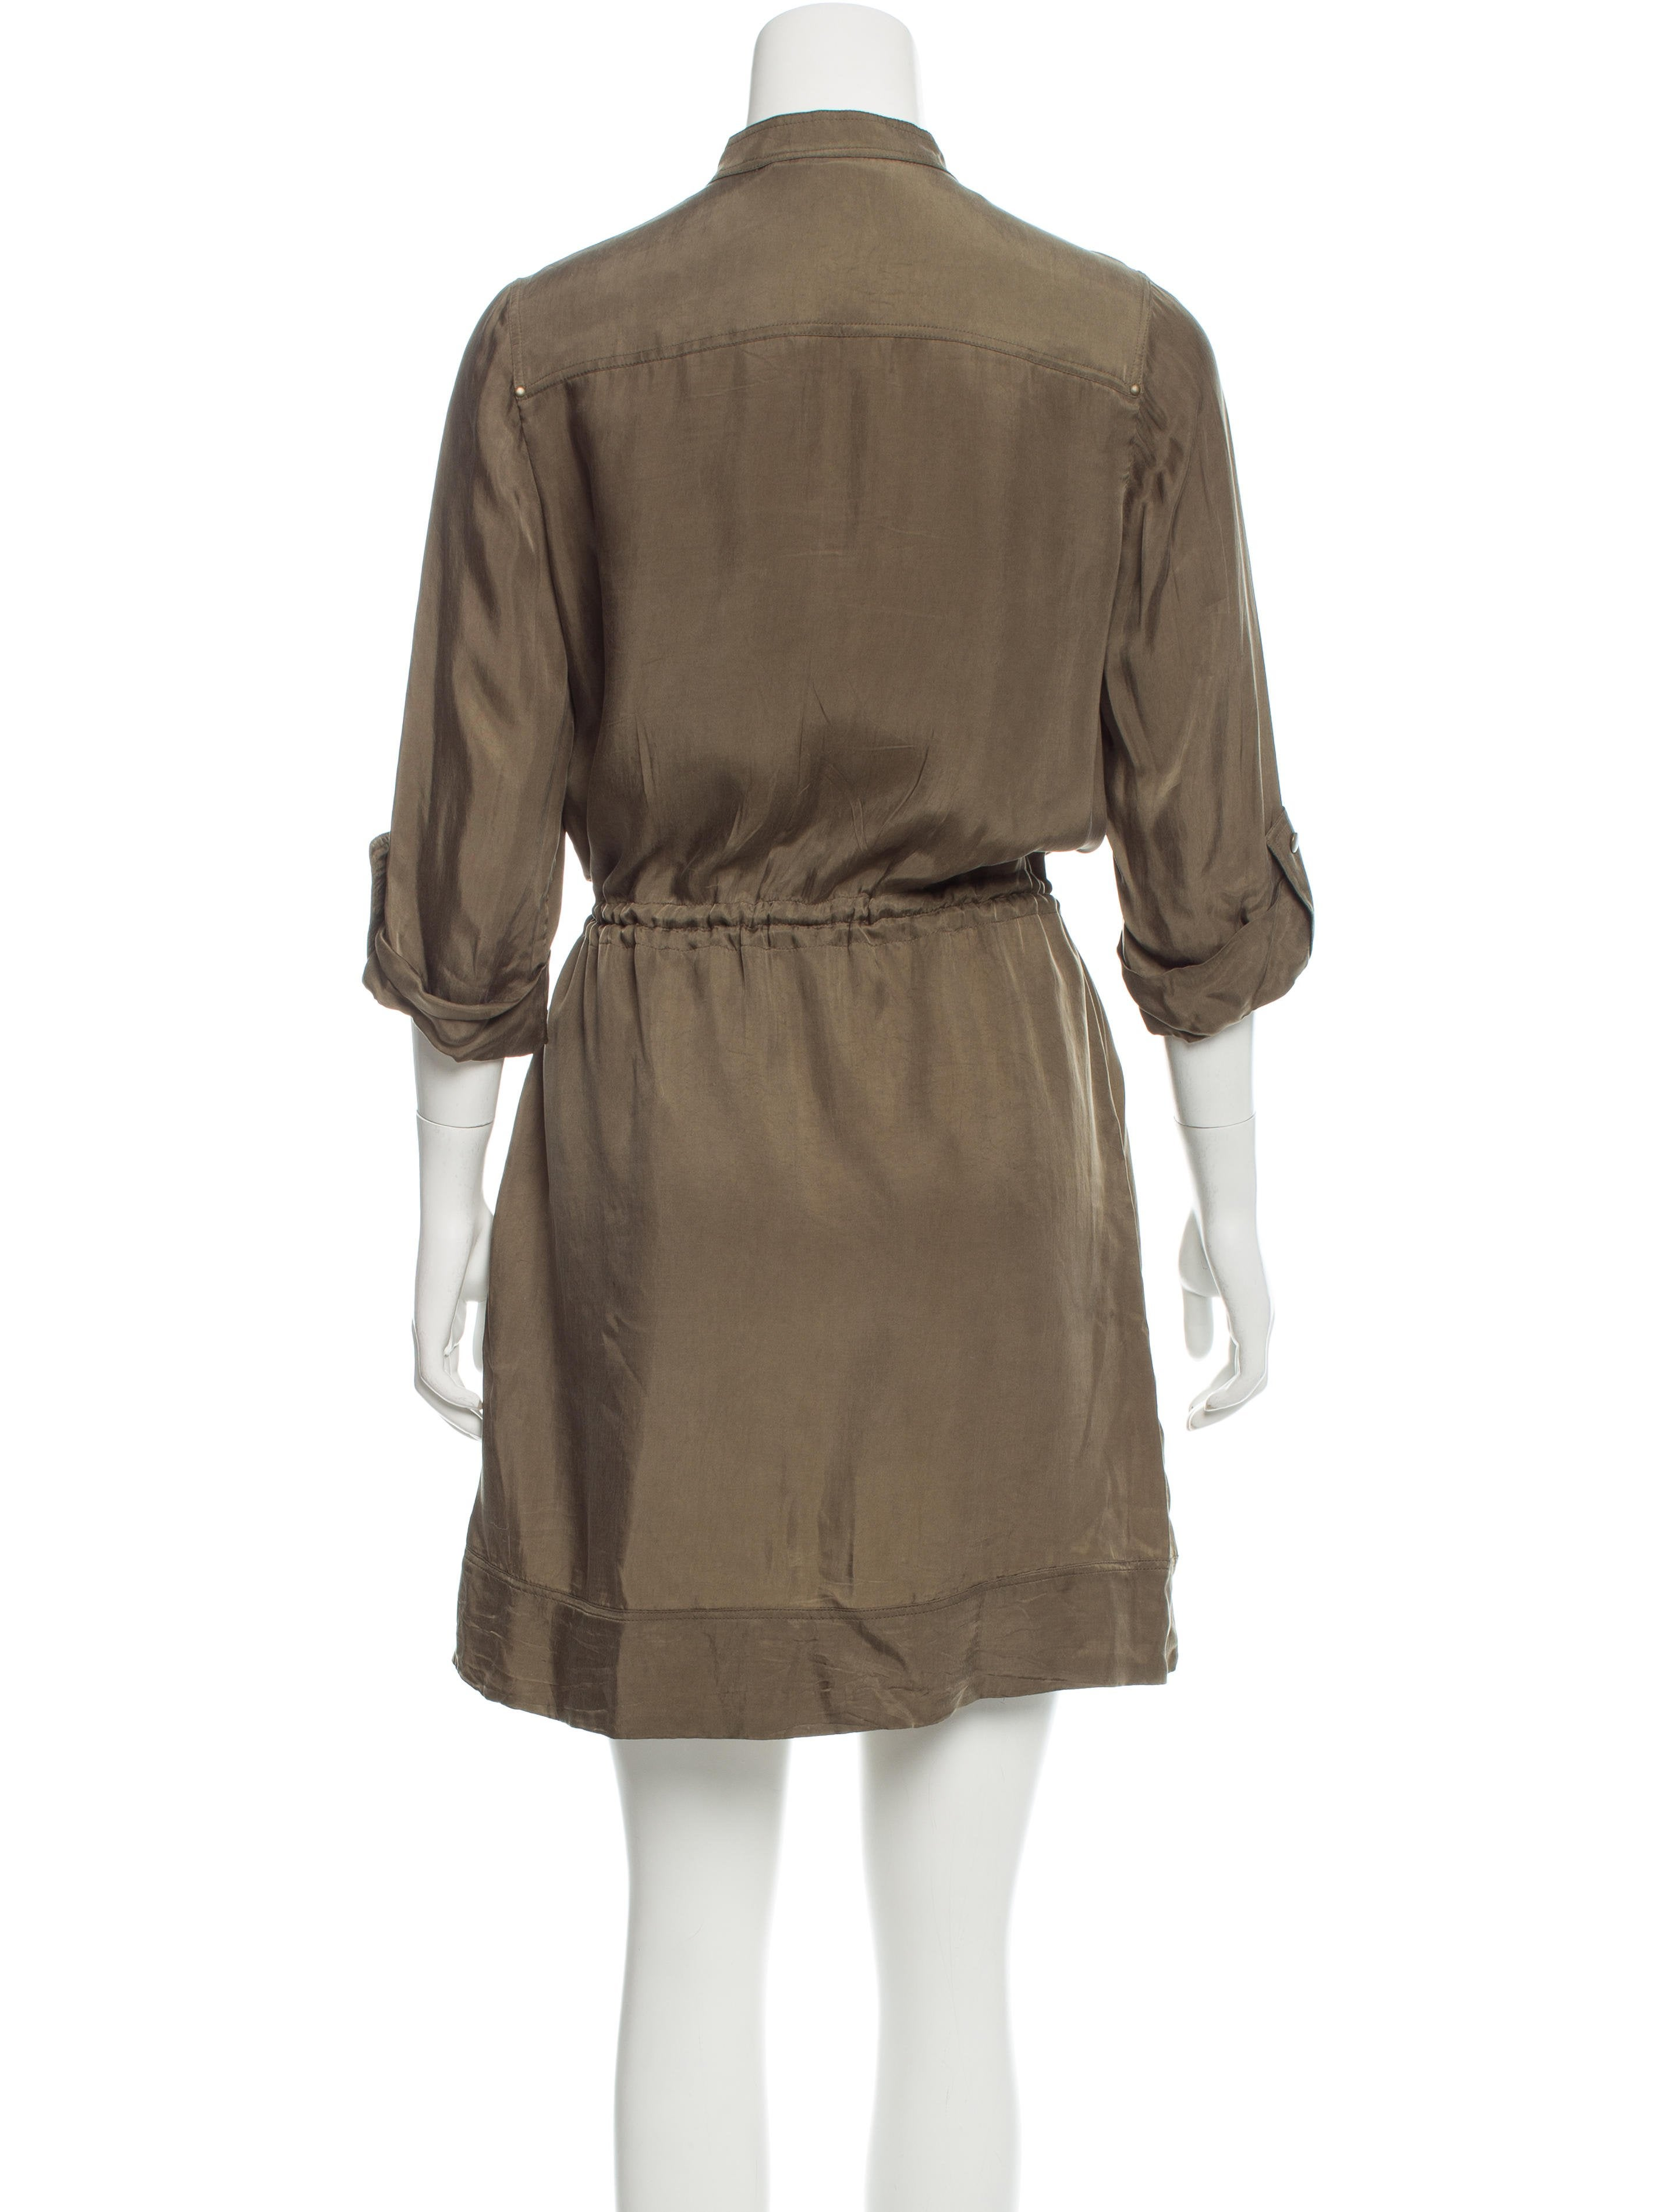 Diane von furstenberg anina shirt dress clothing for Diane von furstenberg shirt